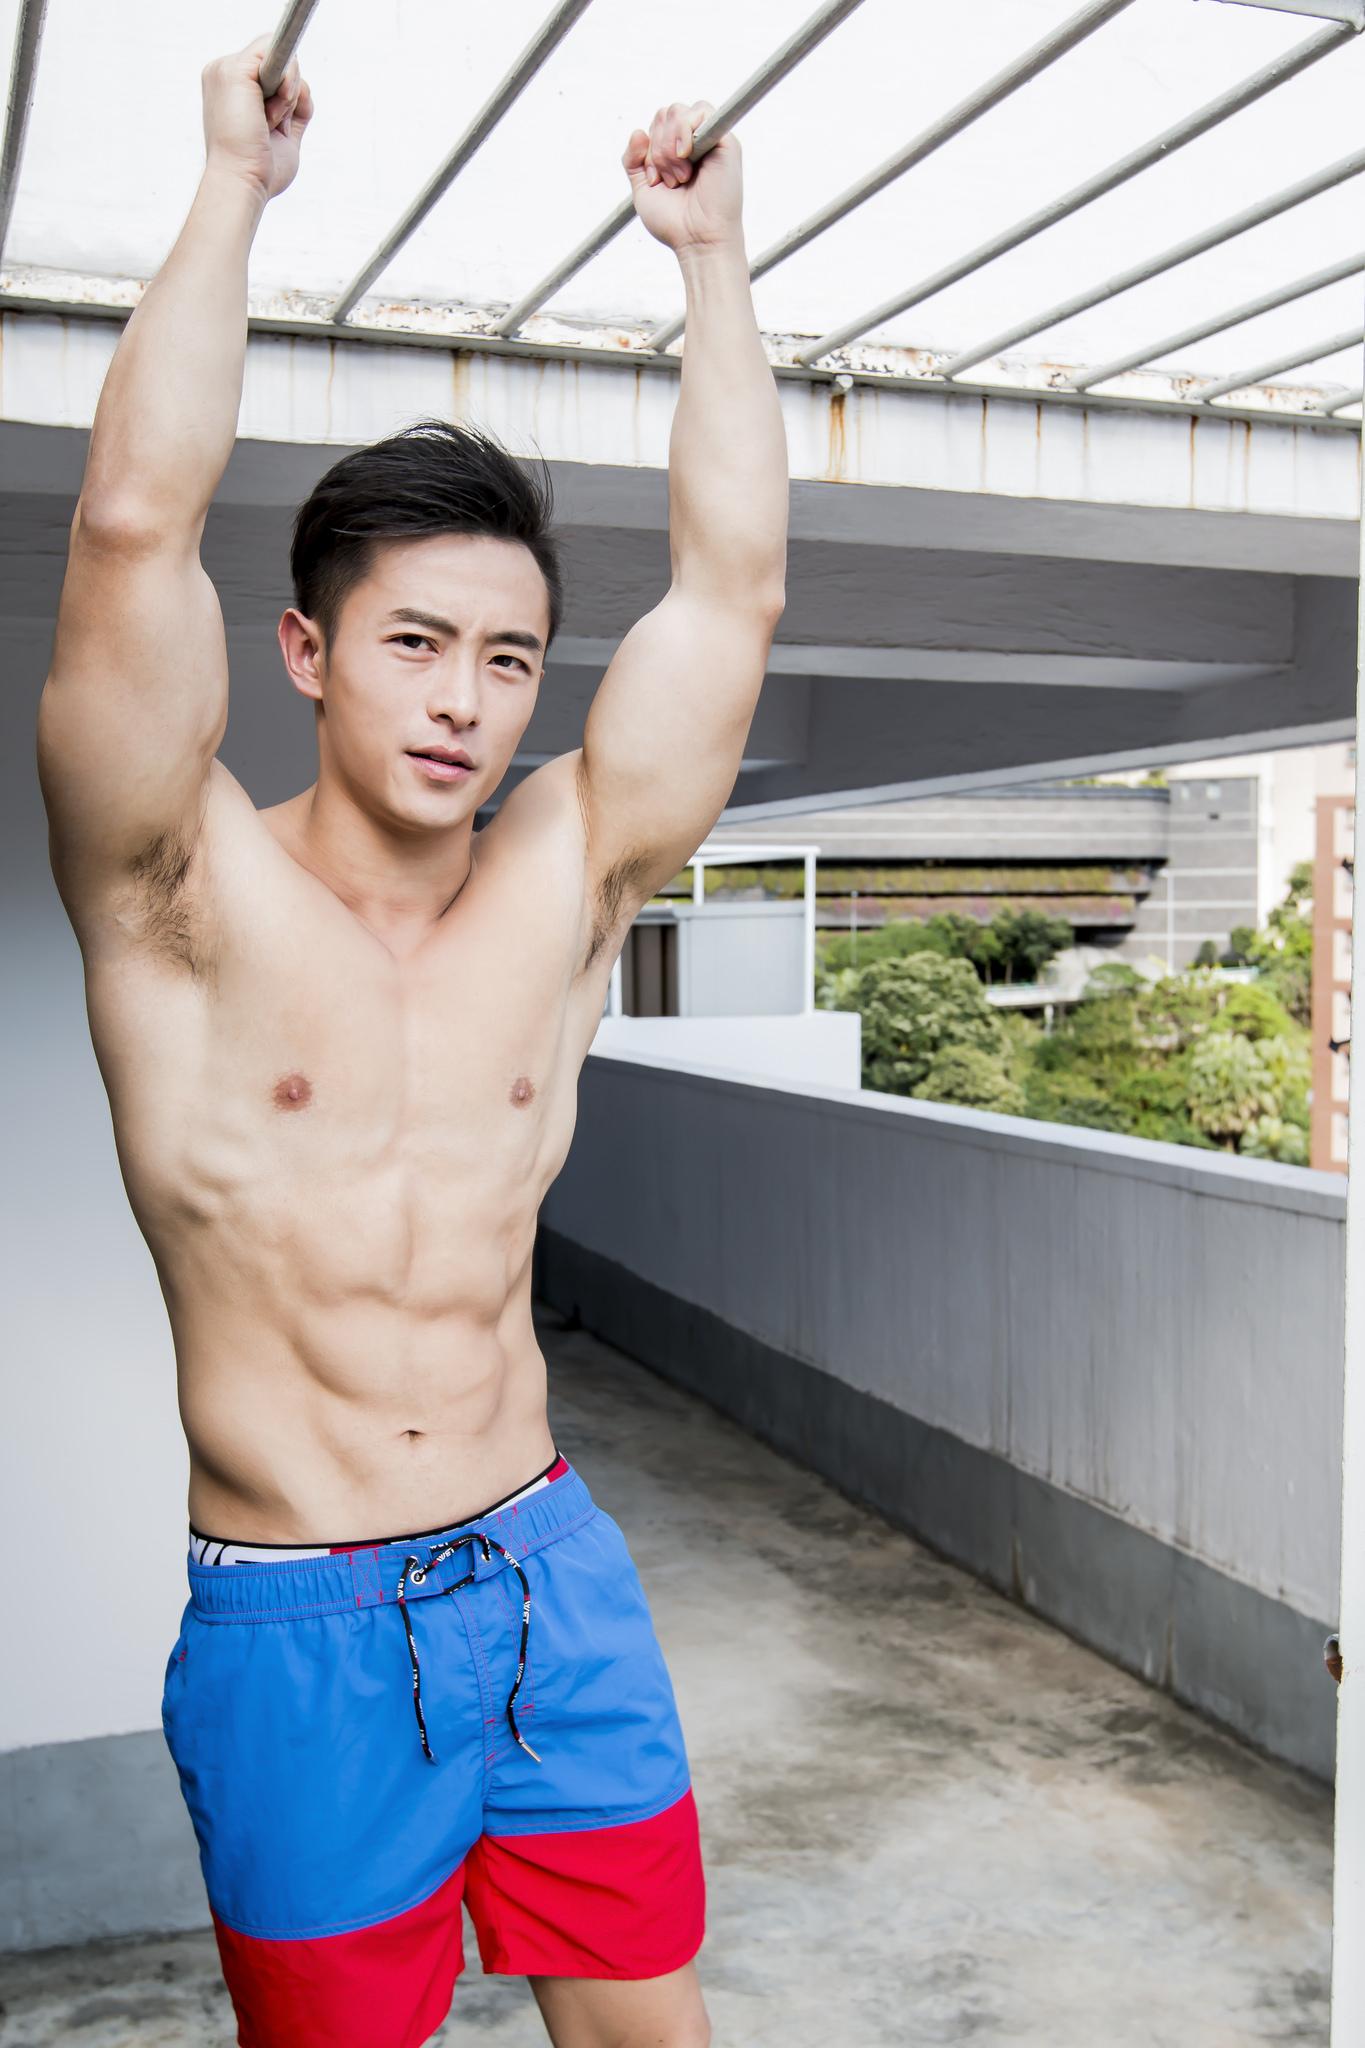 胸肌发达颜值高的肌肉型男